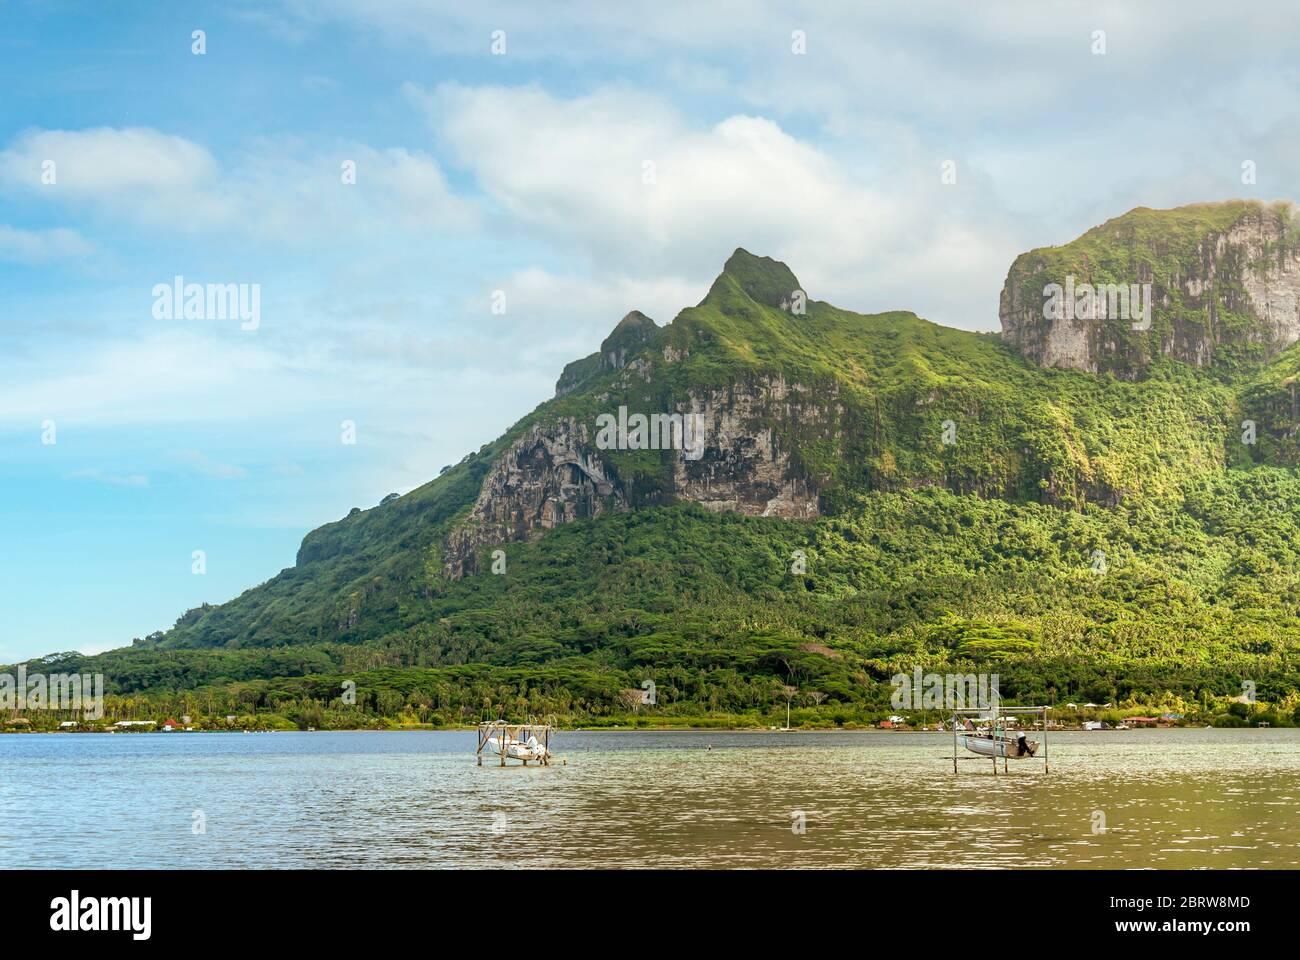 Baie de Faanui avec Mont Otemanu en arrière-plan, Bora Bora, Polynésie française Banque D'Images